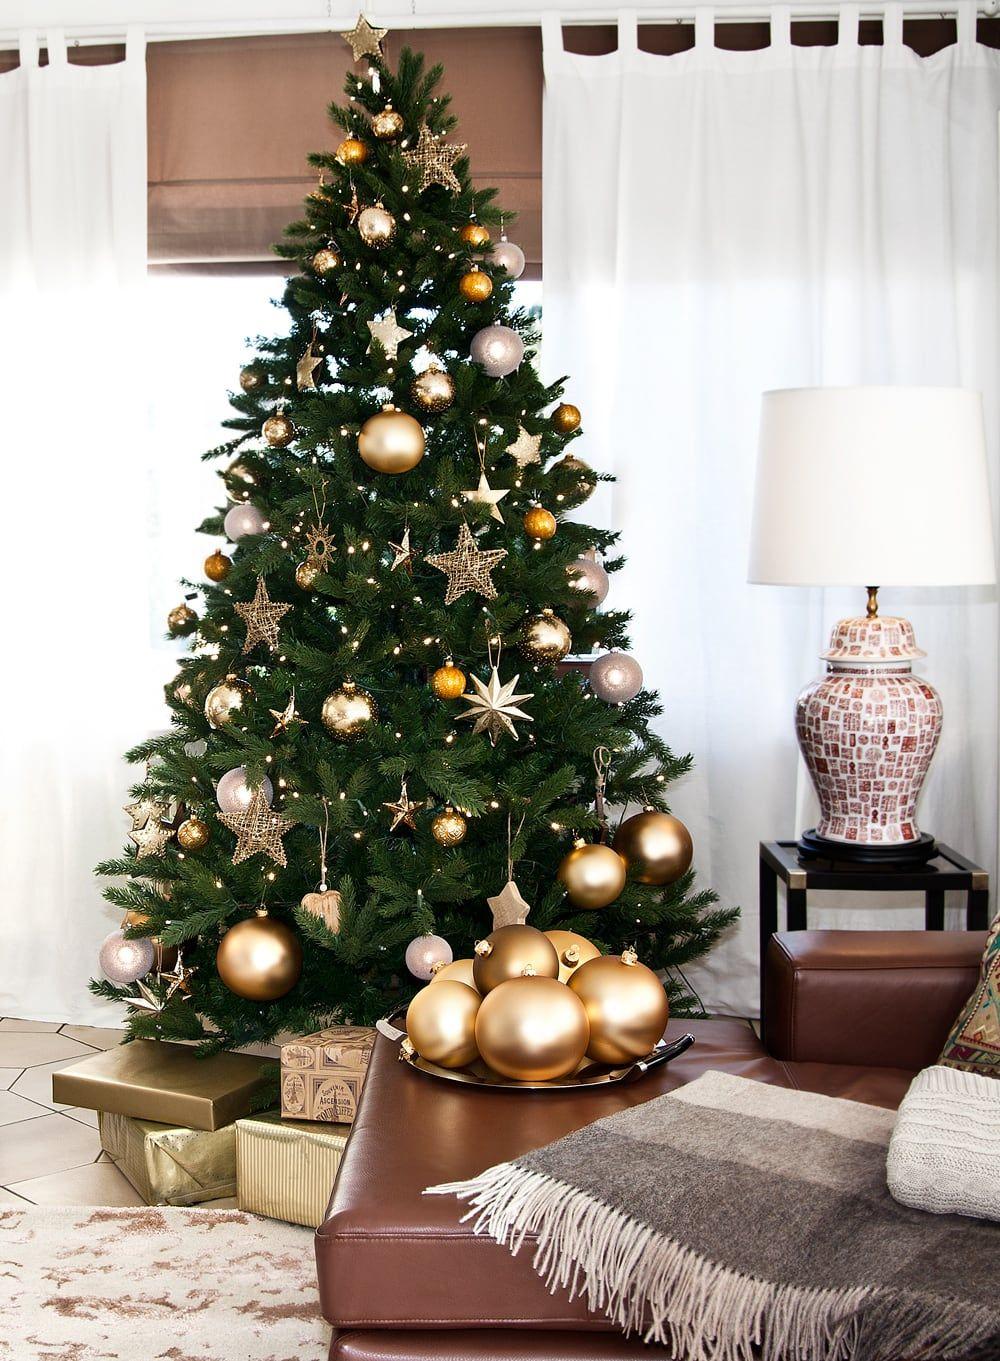 Weihnachtsbaum Dekorieren Http Www Ausmalbilder Co Weihnachtsbaum Dekorieren 2 Christmas Tree Inspiration Gold Christmas Tree Christmas Tree Themes